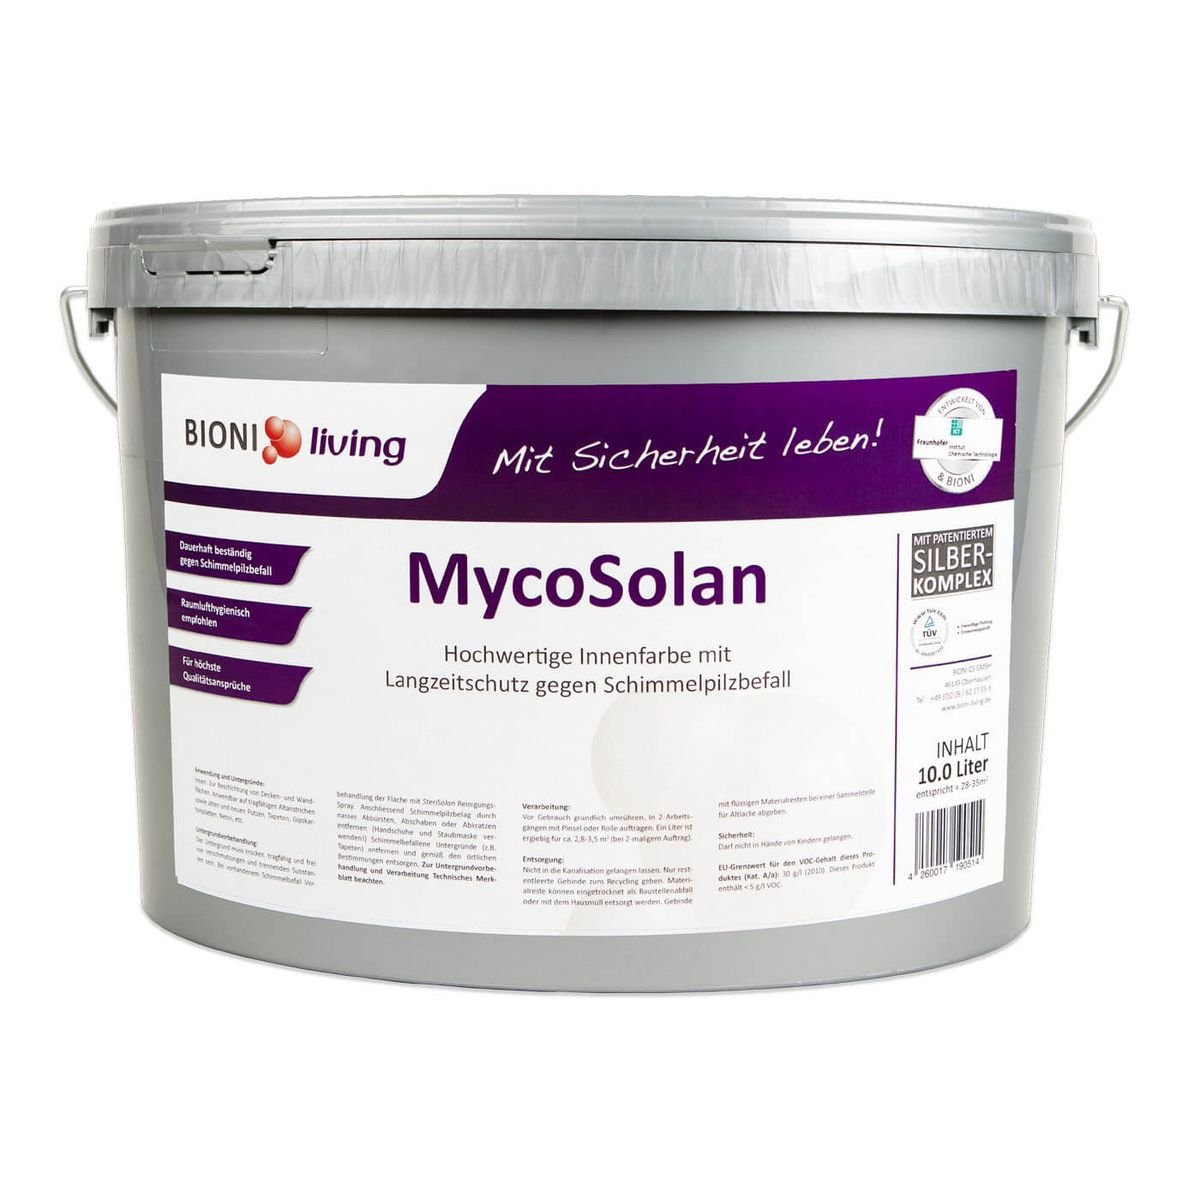 MycoSolan Innenfarbe mit Silber-Technologie (10 Liter) BIONI CS GmbH